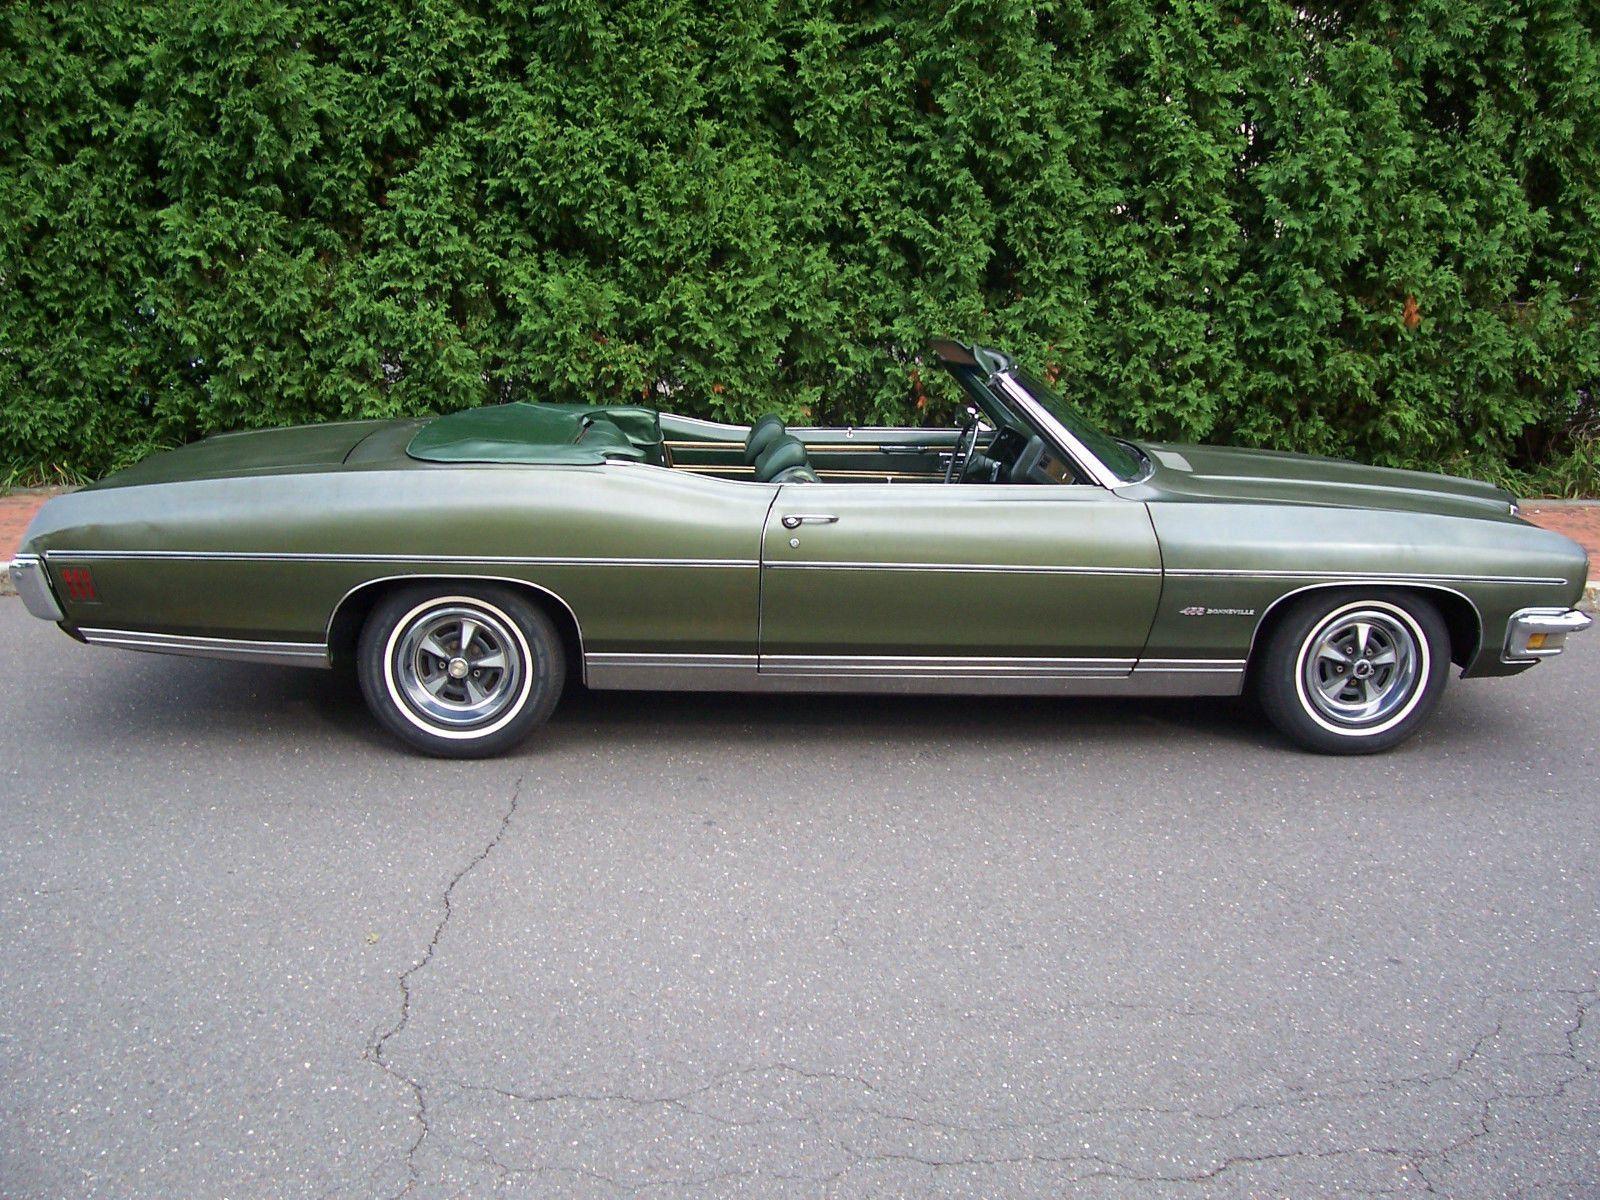 Chrysler 67 ou apparenté 59eba3d73b11117e18683fd152d0e899